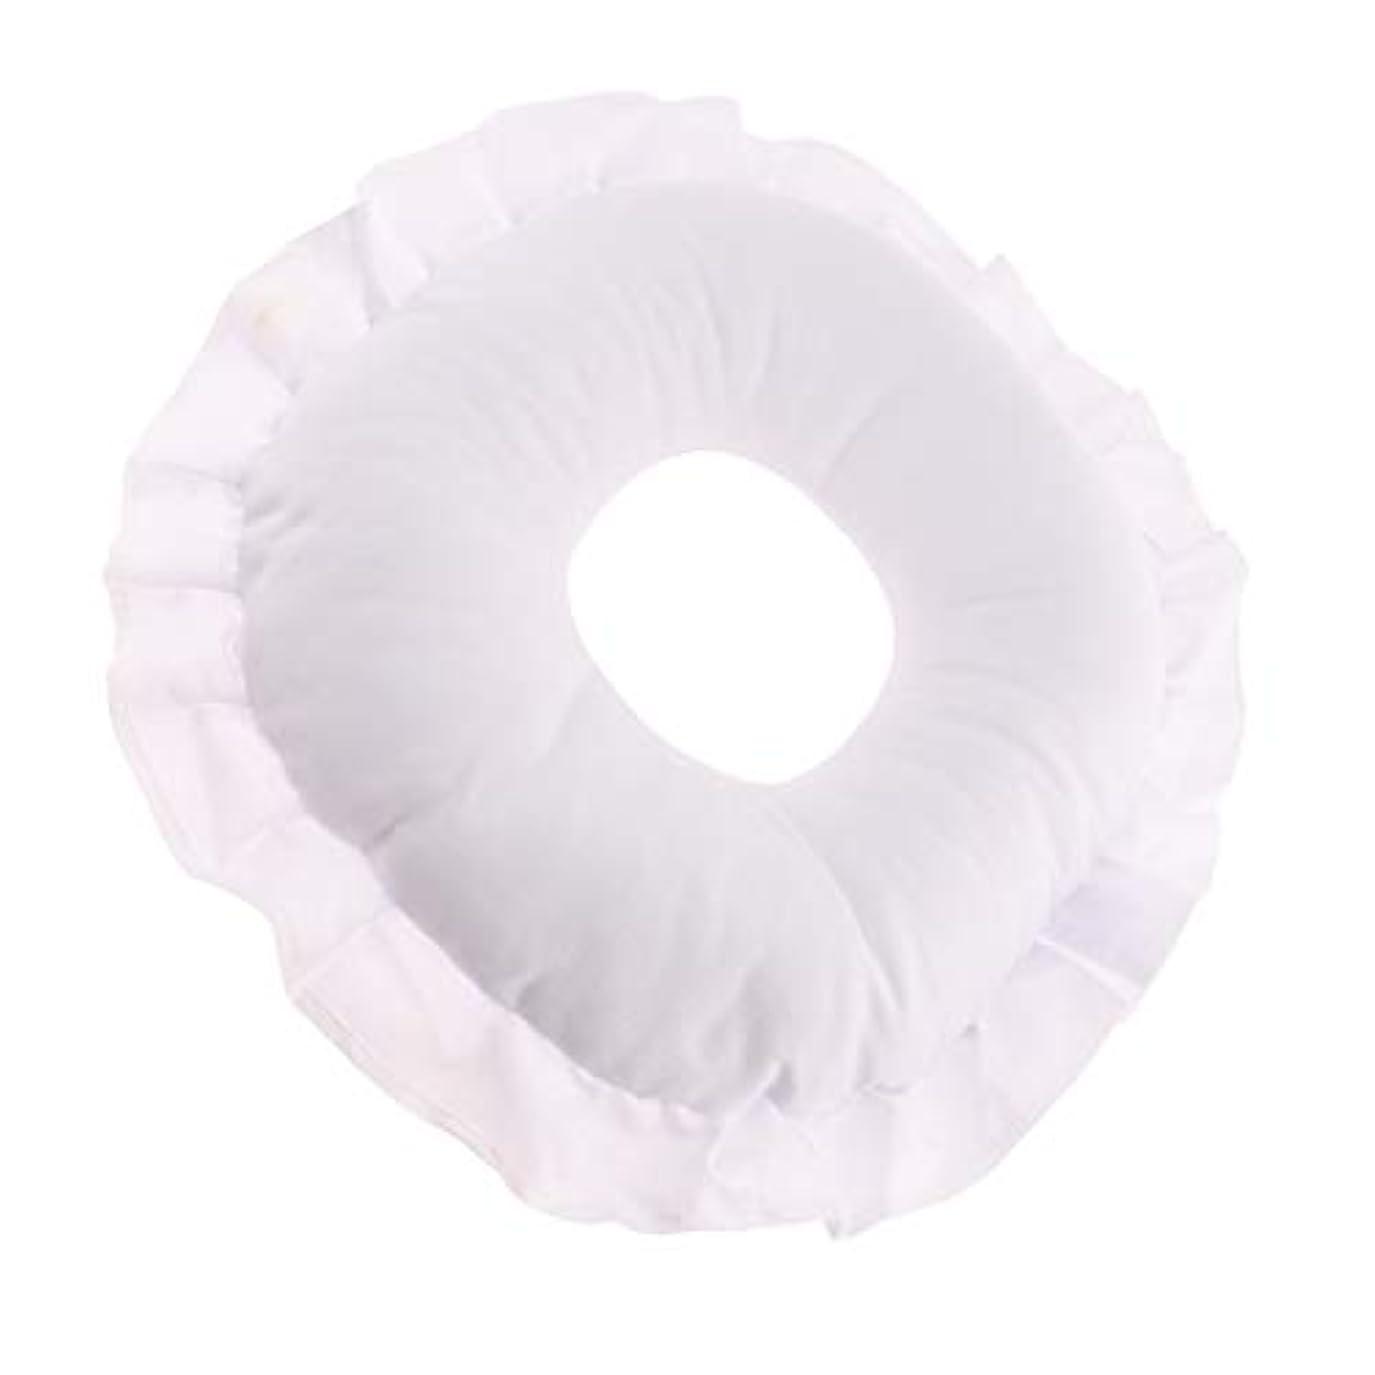 突破口変化鉛筆全3色 フェイスピロー 顔枕 マッサージ枕 マッサージテーブルピロー 柔軟 洗えるカバー リラックス - 白